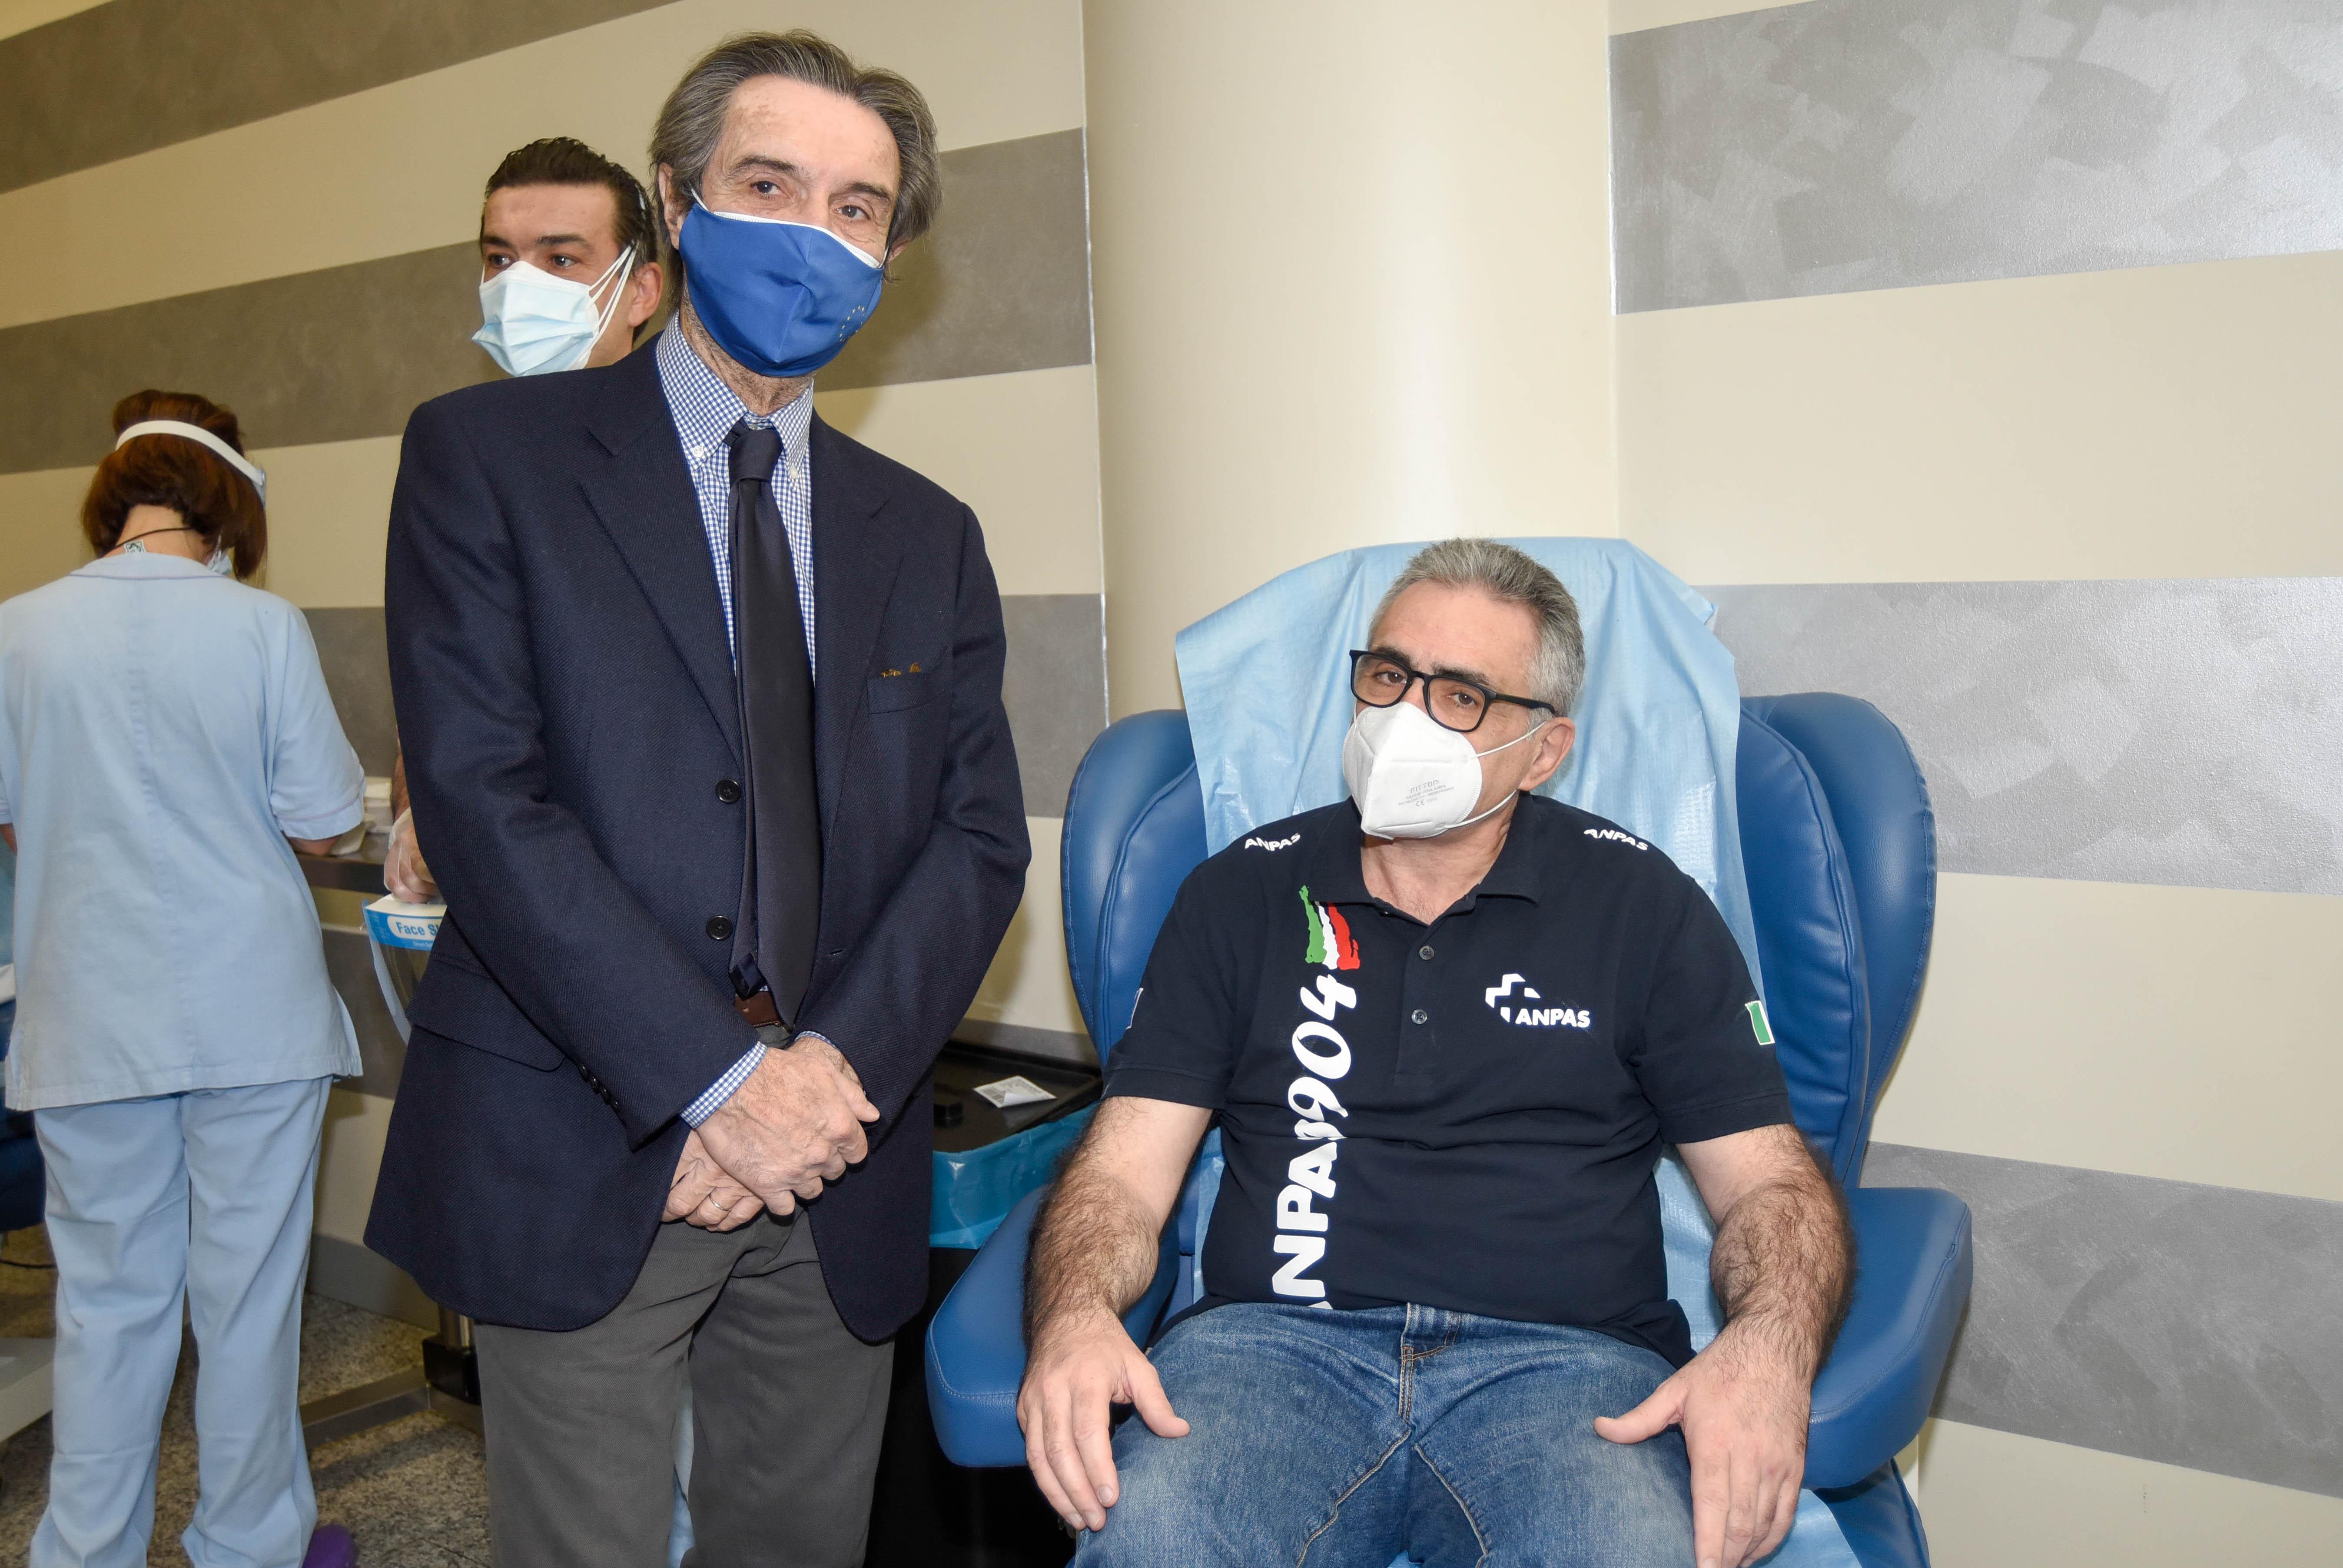 vaccination day, il presidente Fontana e il dottor Pregliasco